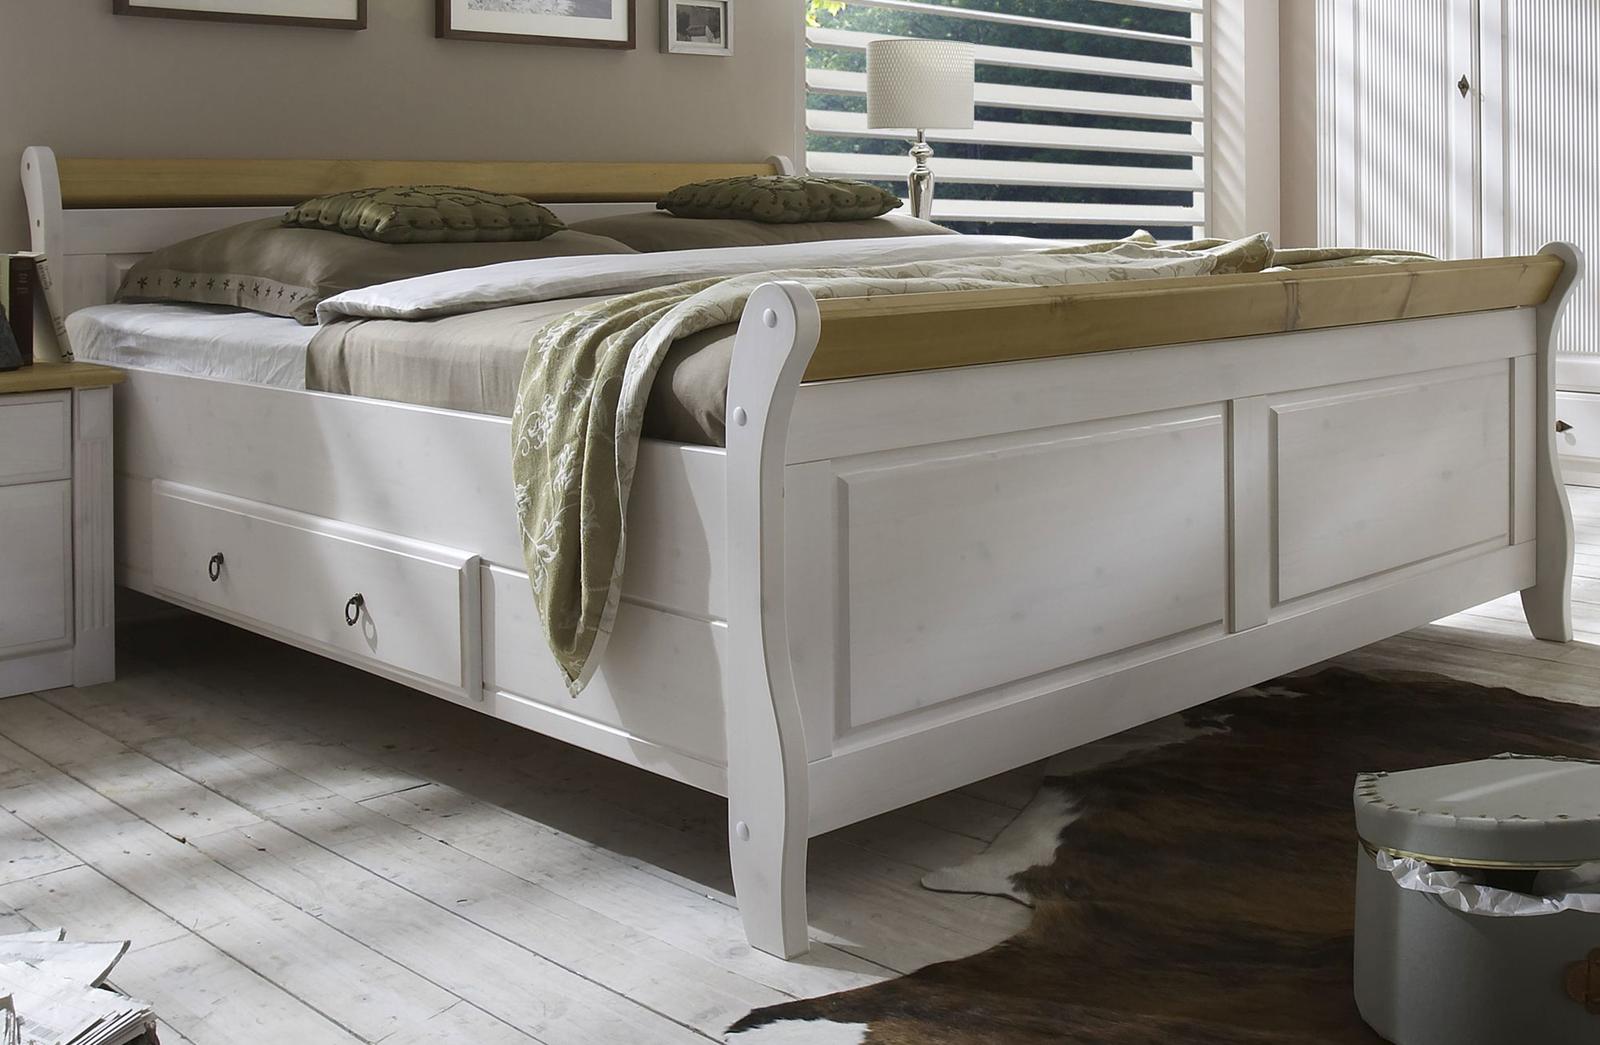 Doppelbett 200x200 Cm, Weiß Gelaugt Geölt